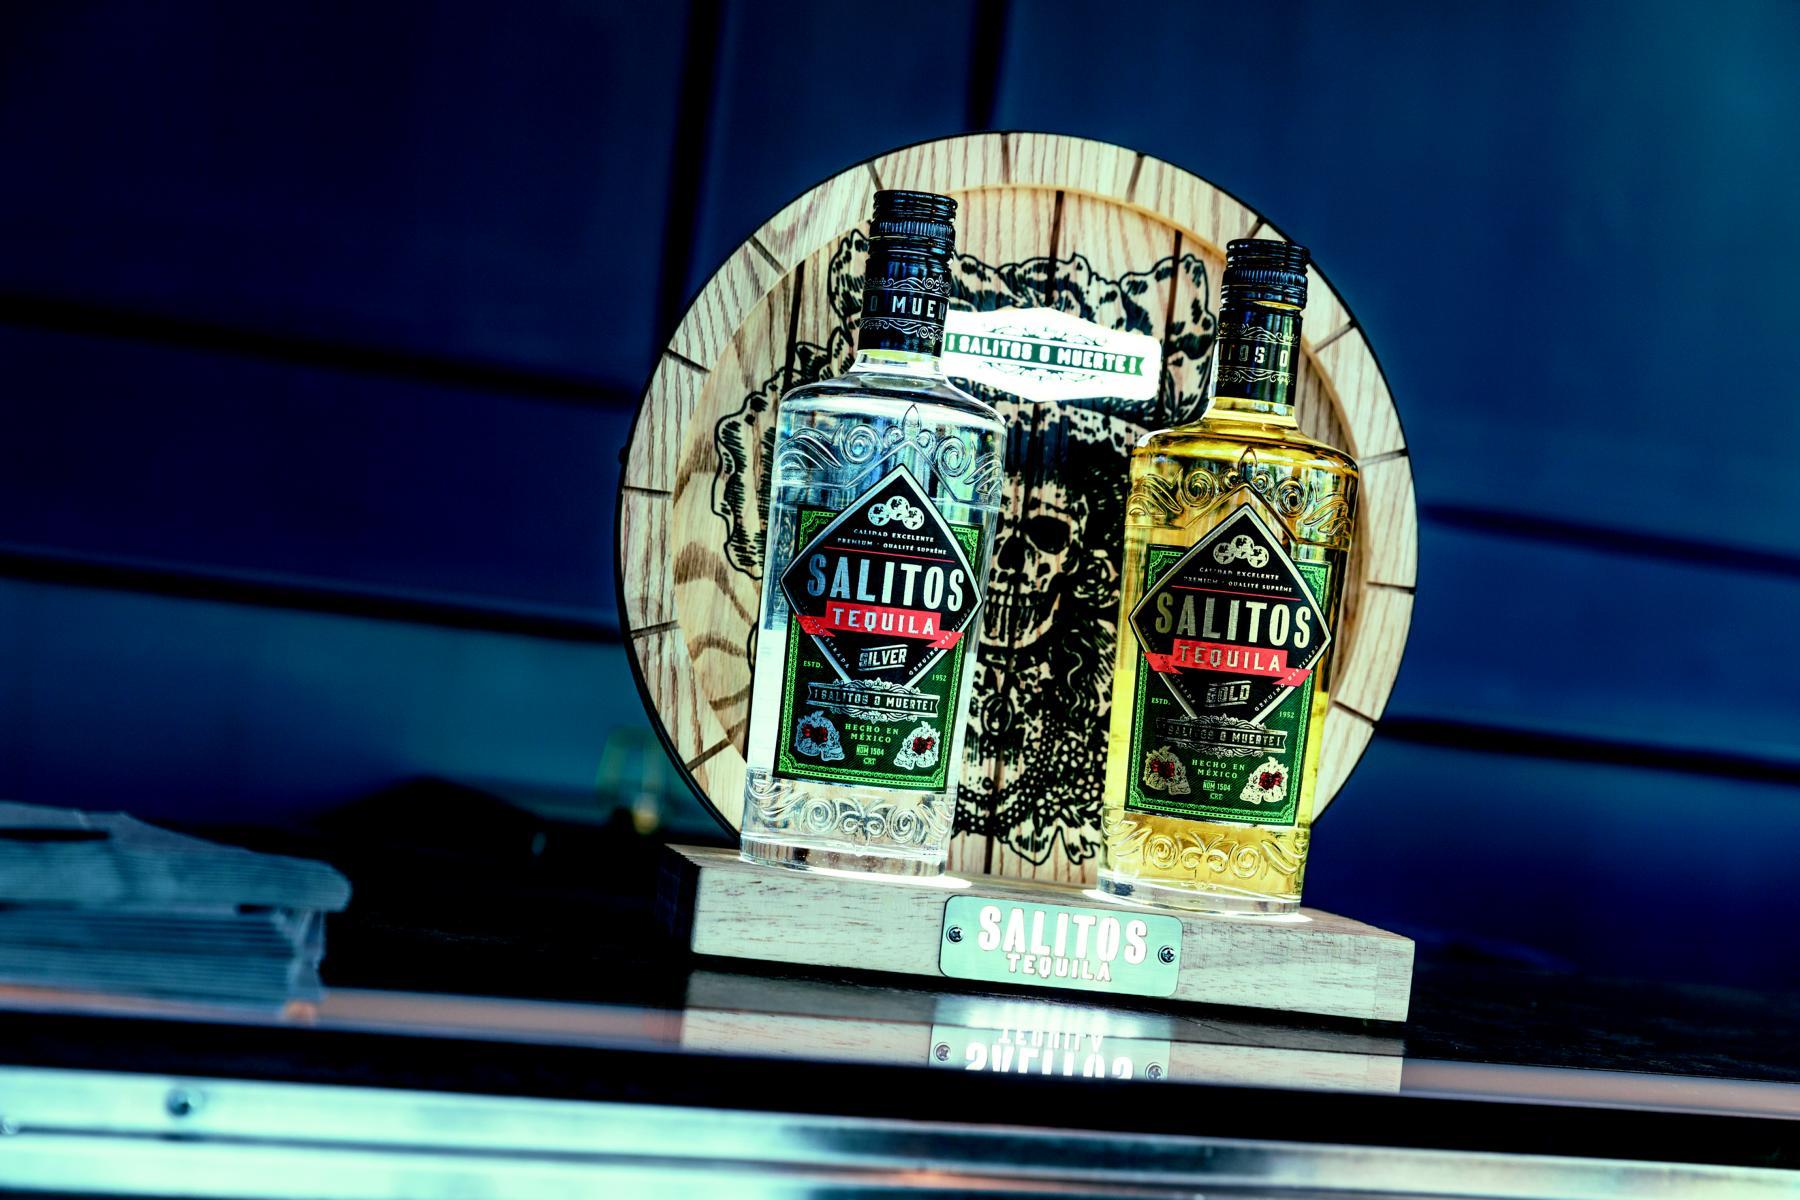 Salitos Tequila